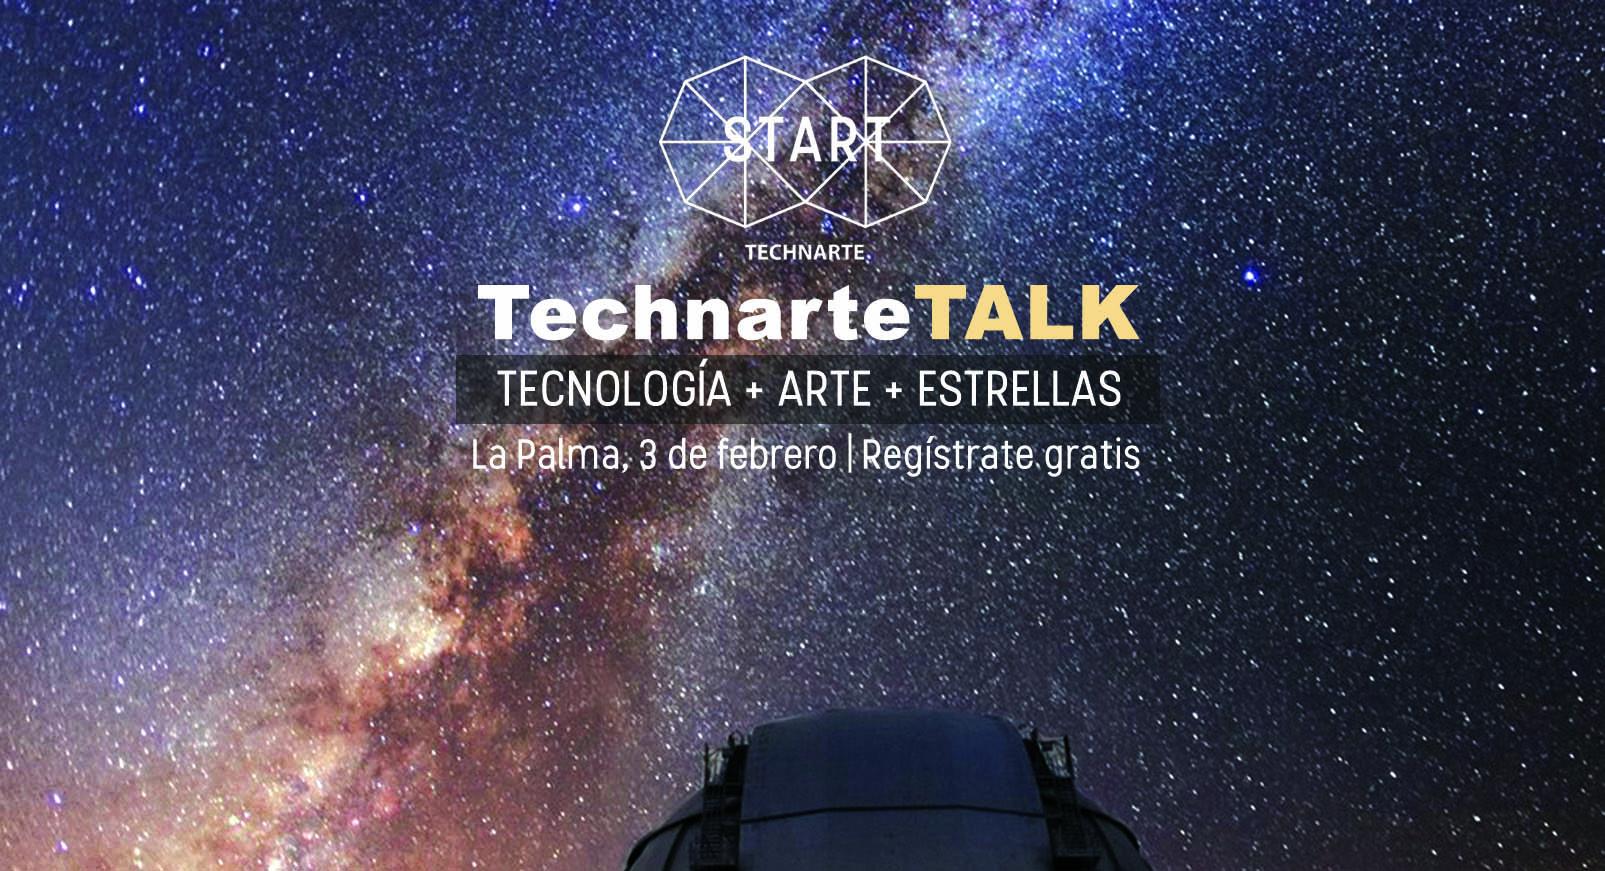 TechnarteTALK